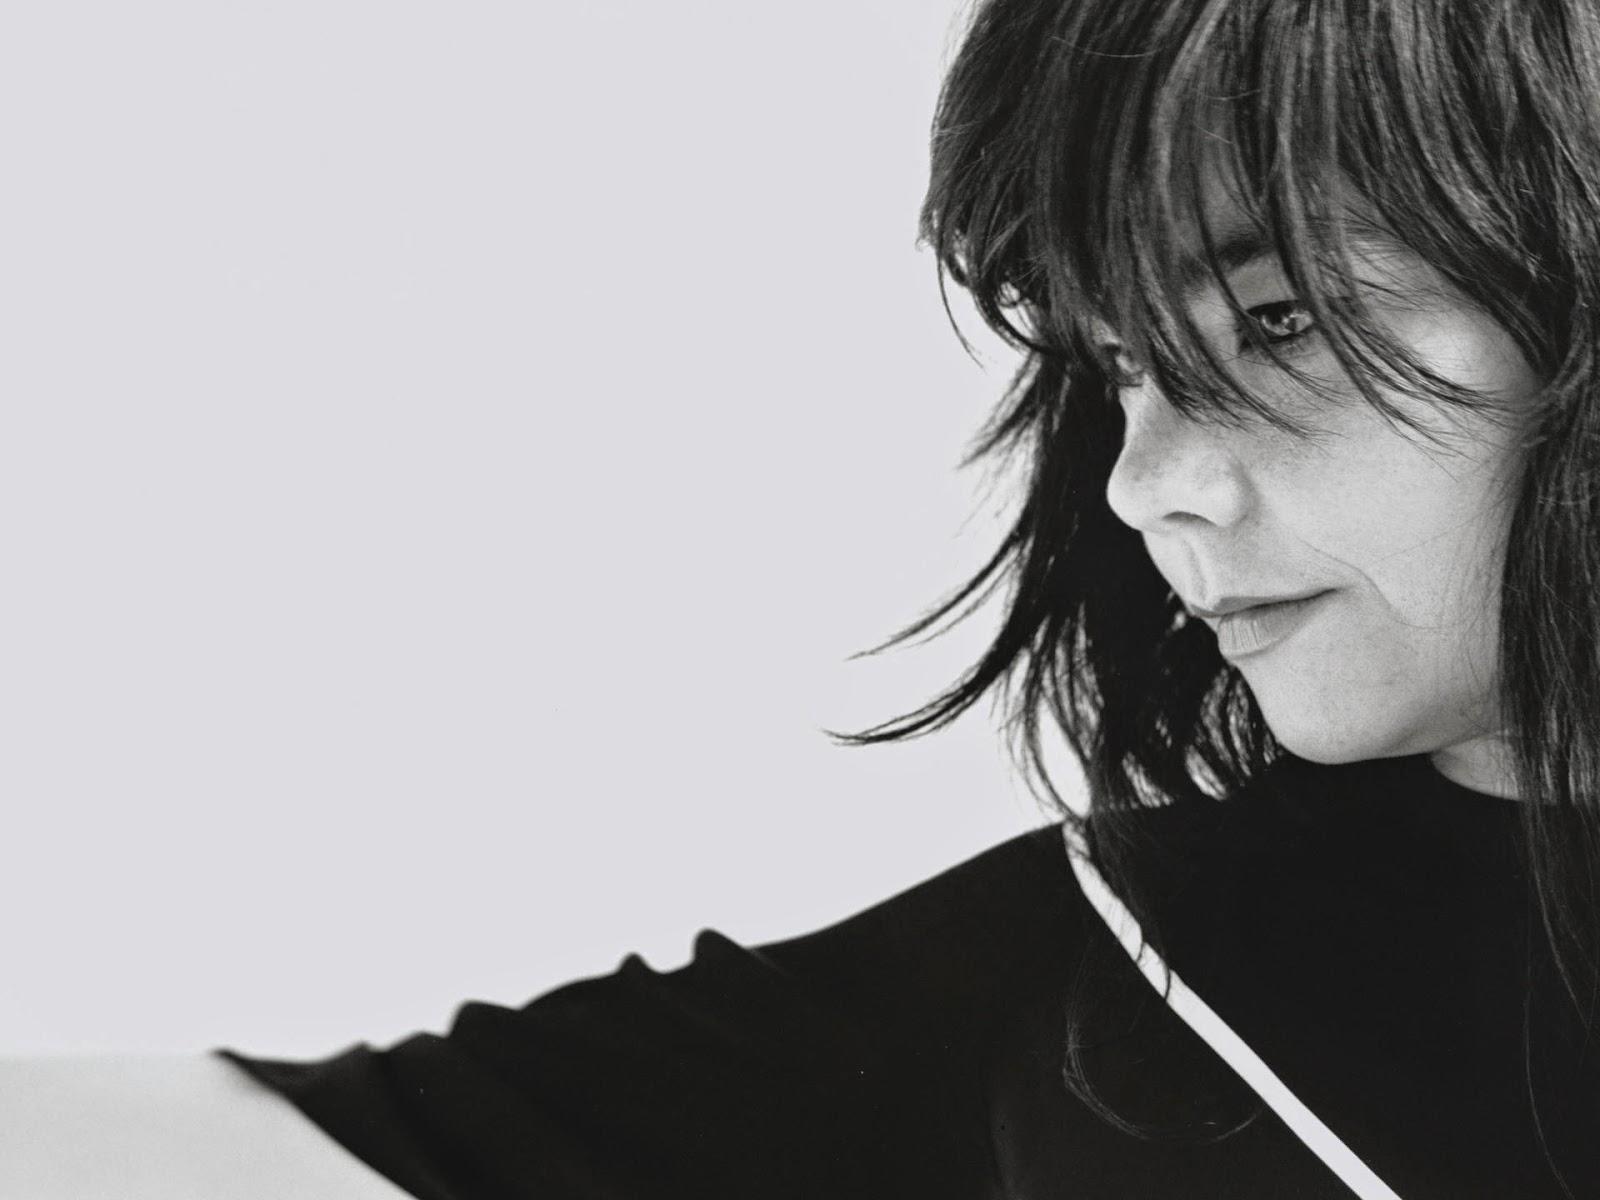 """Documental, que se grabó mientras Björk producía su proyecto musical """"Biophilia"""", explora de una forma innovadora la relación entre naturaleza, tecnología y música. Interviene además el antropólogo Oliver Sacks que habla de cómo afectan la música y los sonidos de la naturaleza a nuestro desarrollo cerebral y nuestro comportamiento. El título original de este documental es """"When Bjork met Attenborough"""""""